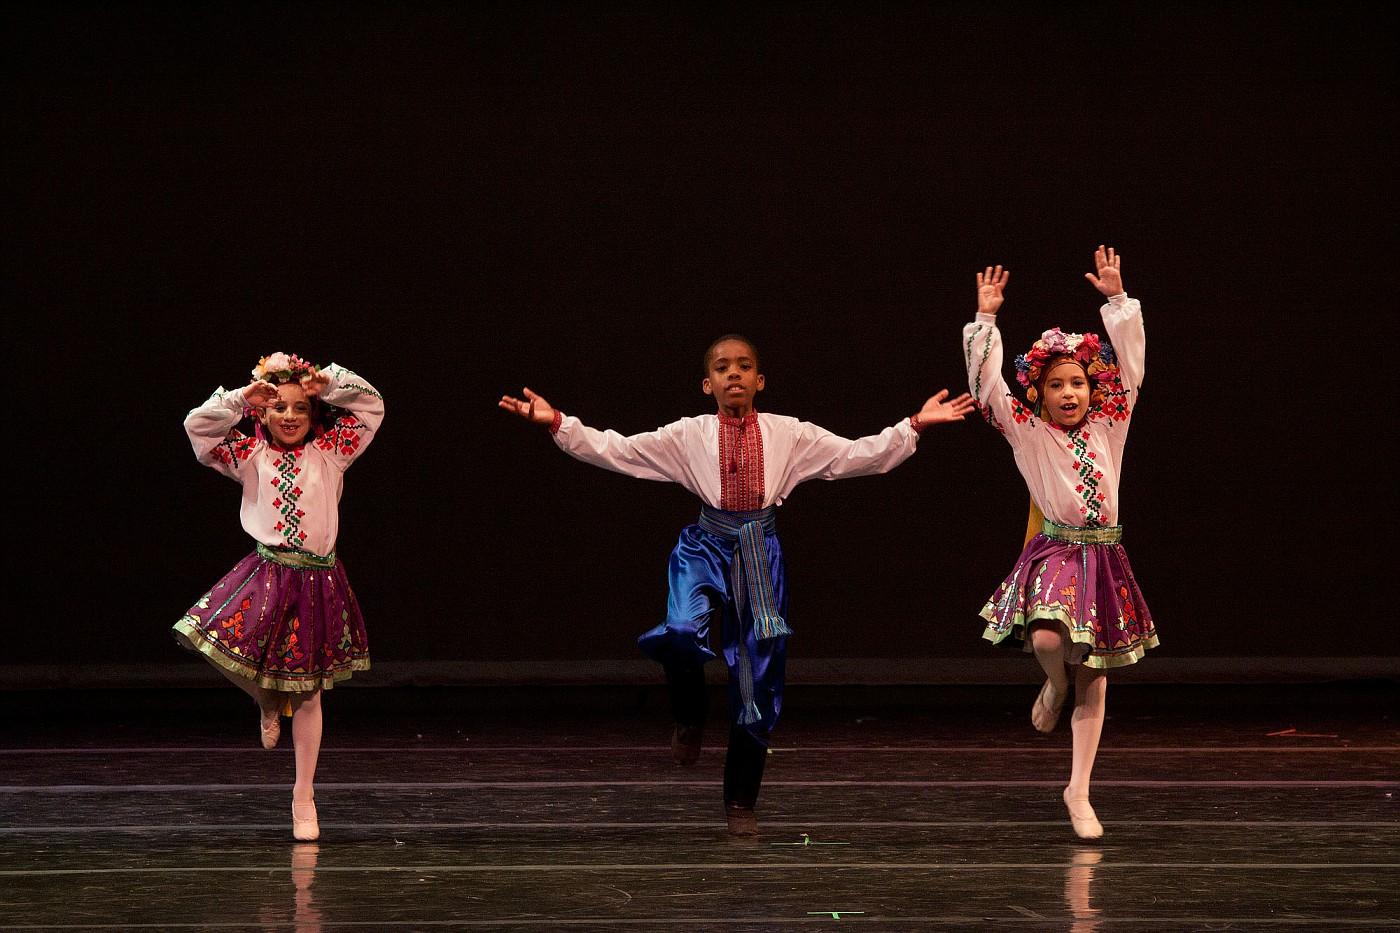 portrait-photography-children-ballet-20100617_0042.jpg